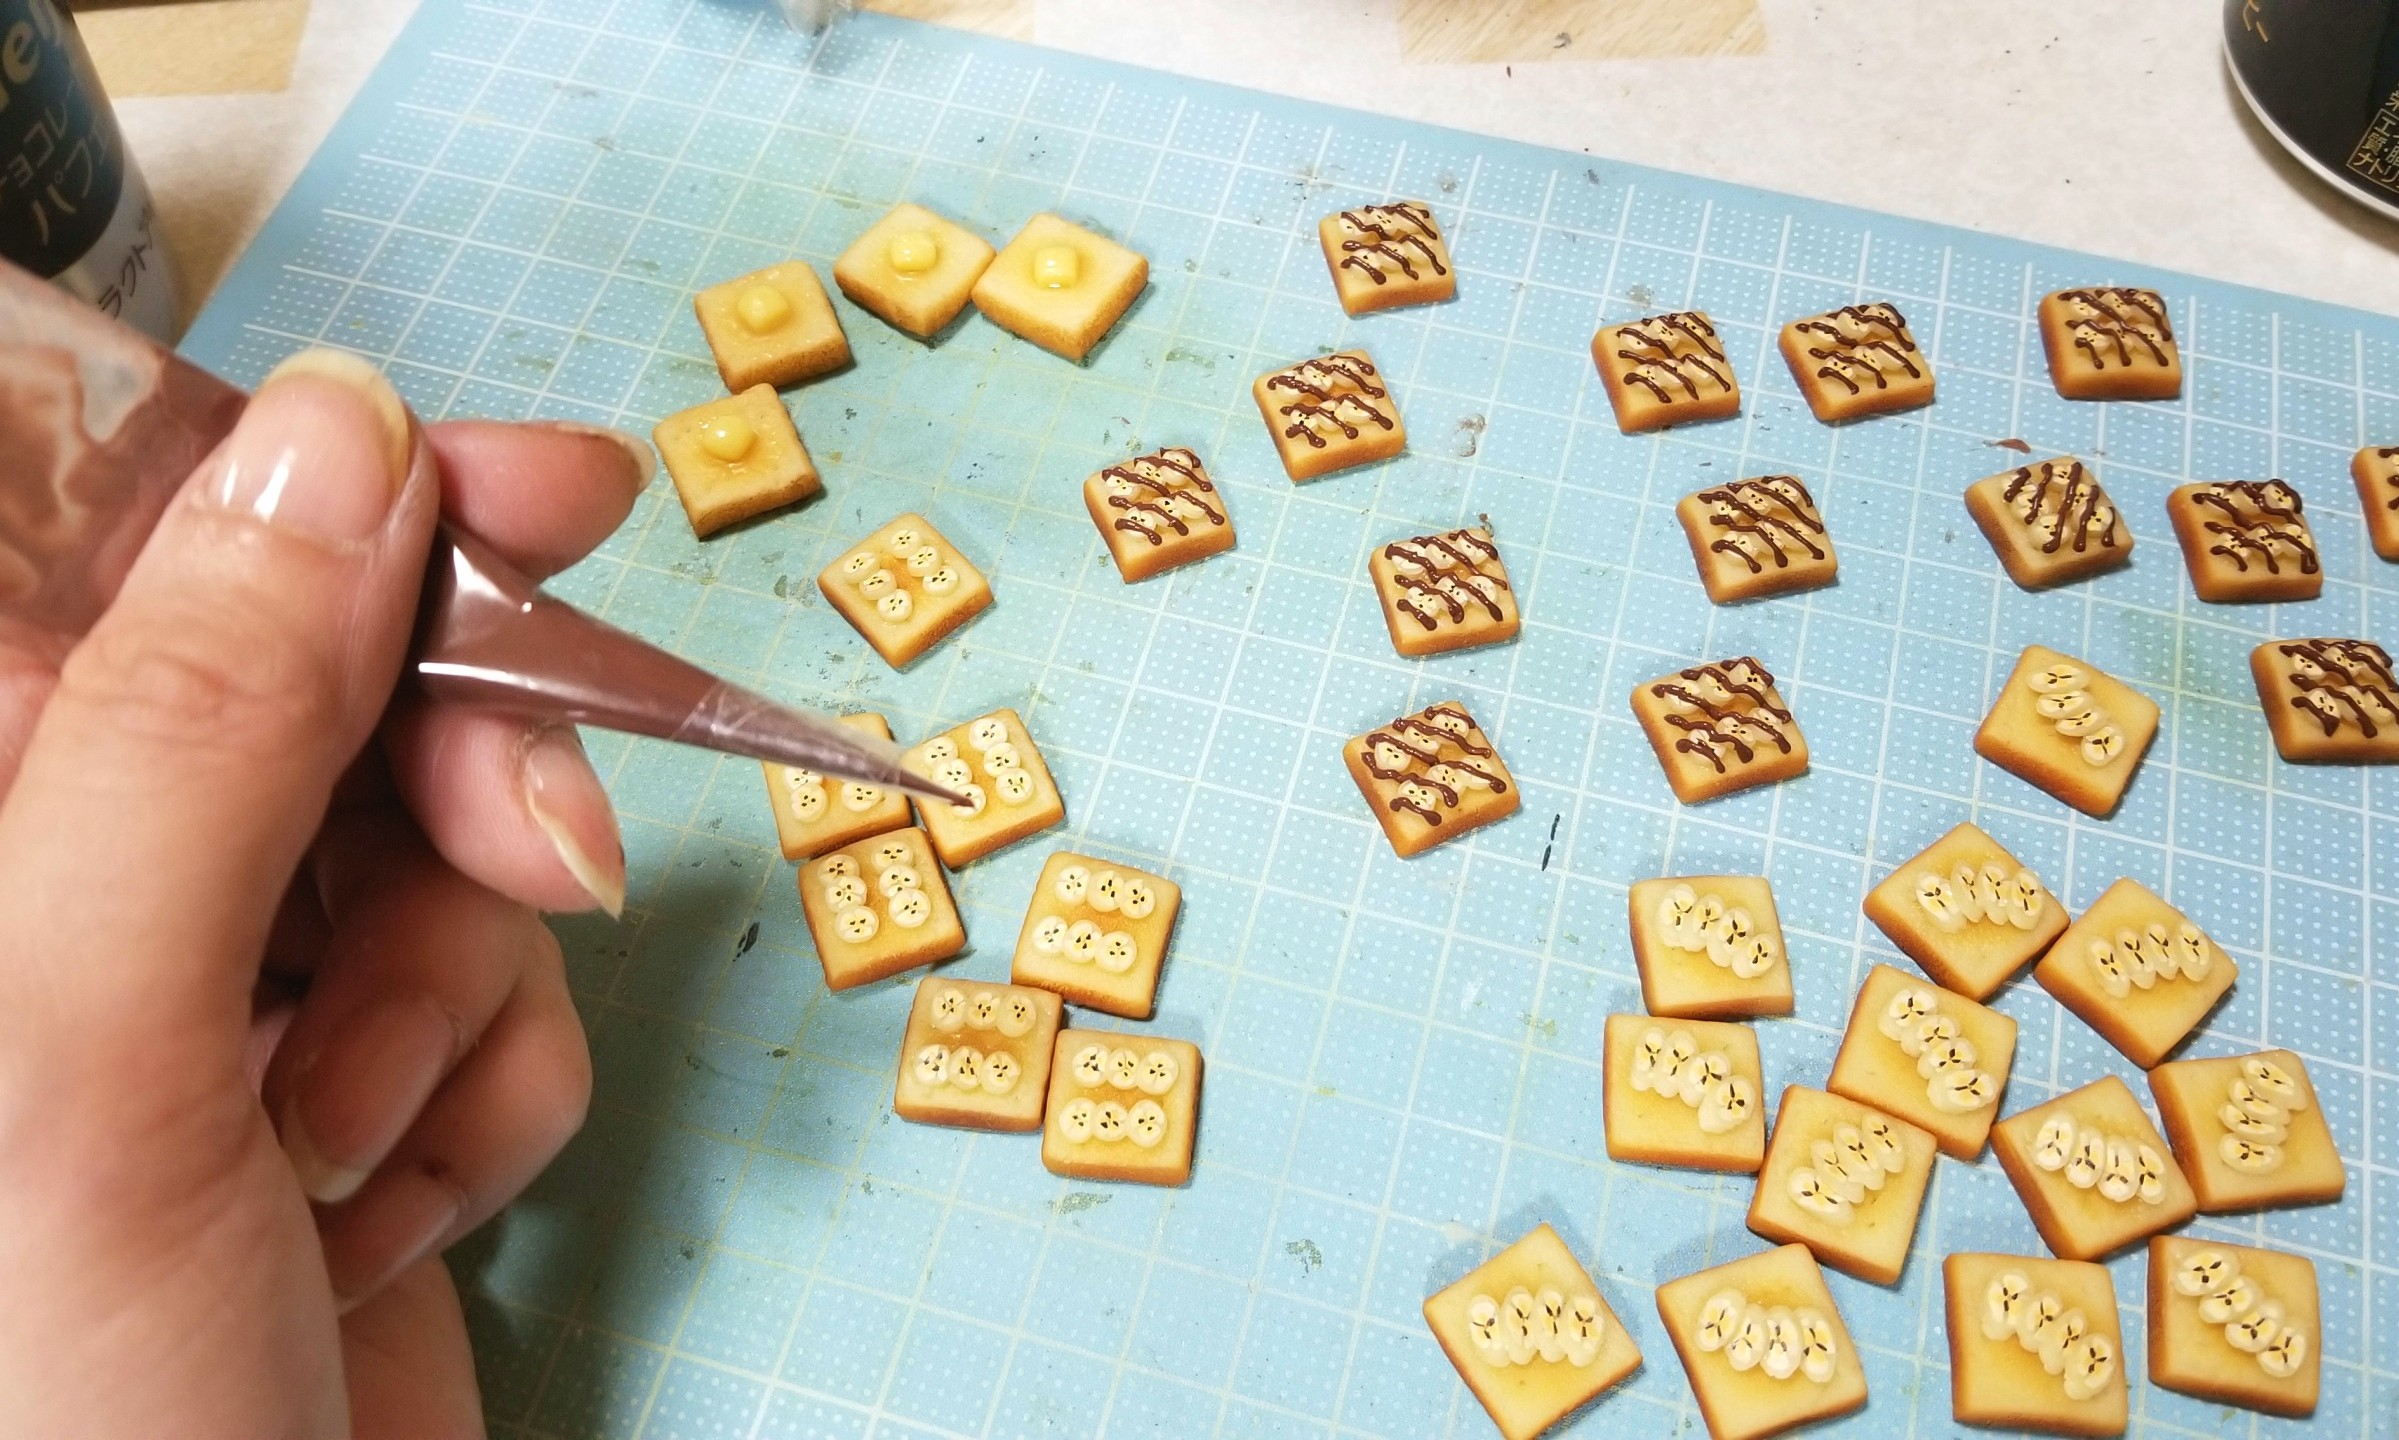 ミニチュア,チョコバナナトースト,作り方,樹脂粘土,フェイクフード